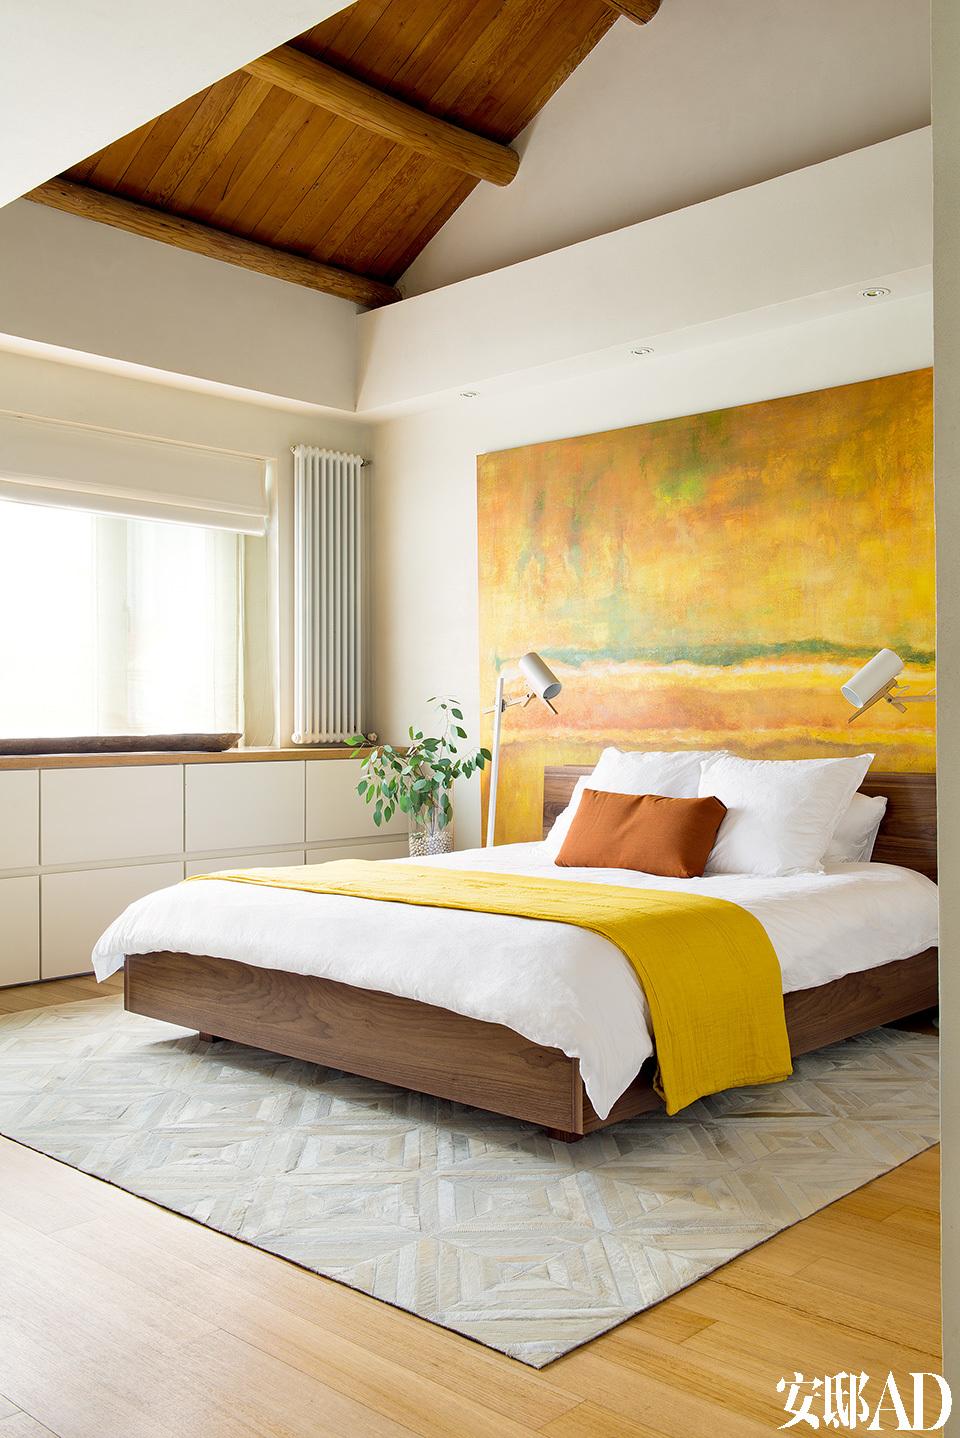 大多以白色和直线构成的浴室,以质朴褪漆的老家具和陶器来调和,调子便温暖平缓起来,光脚走在磨砂感的地板上,身体已放松了下来。